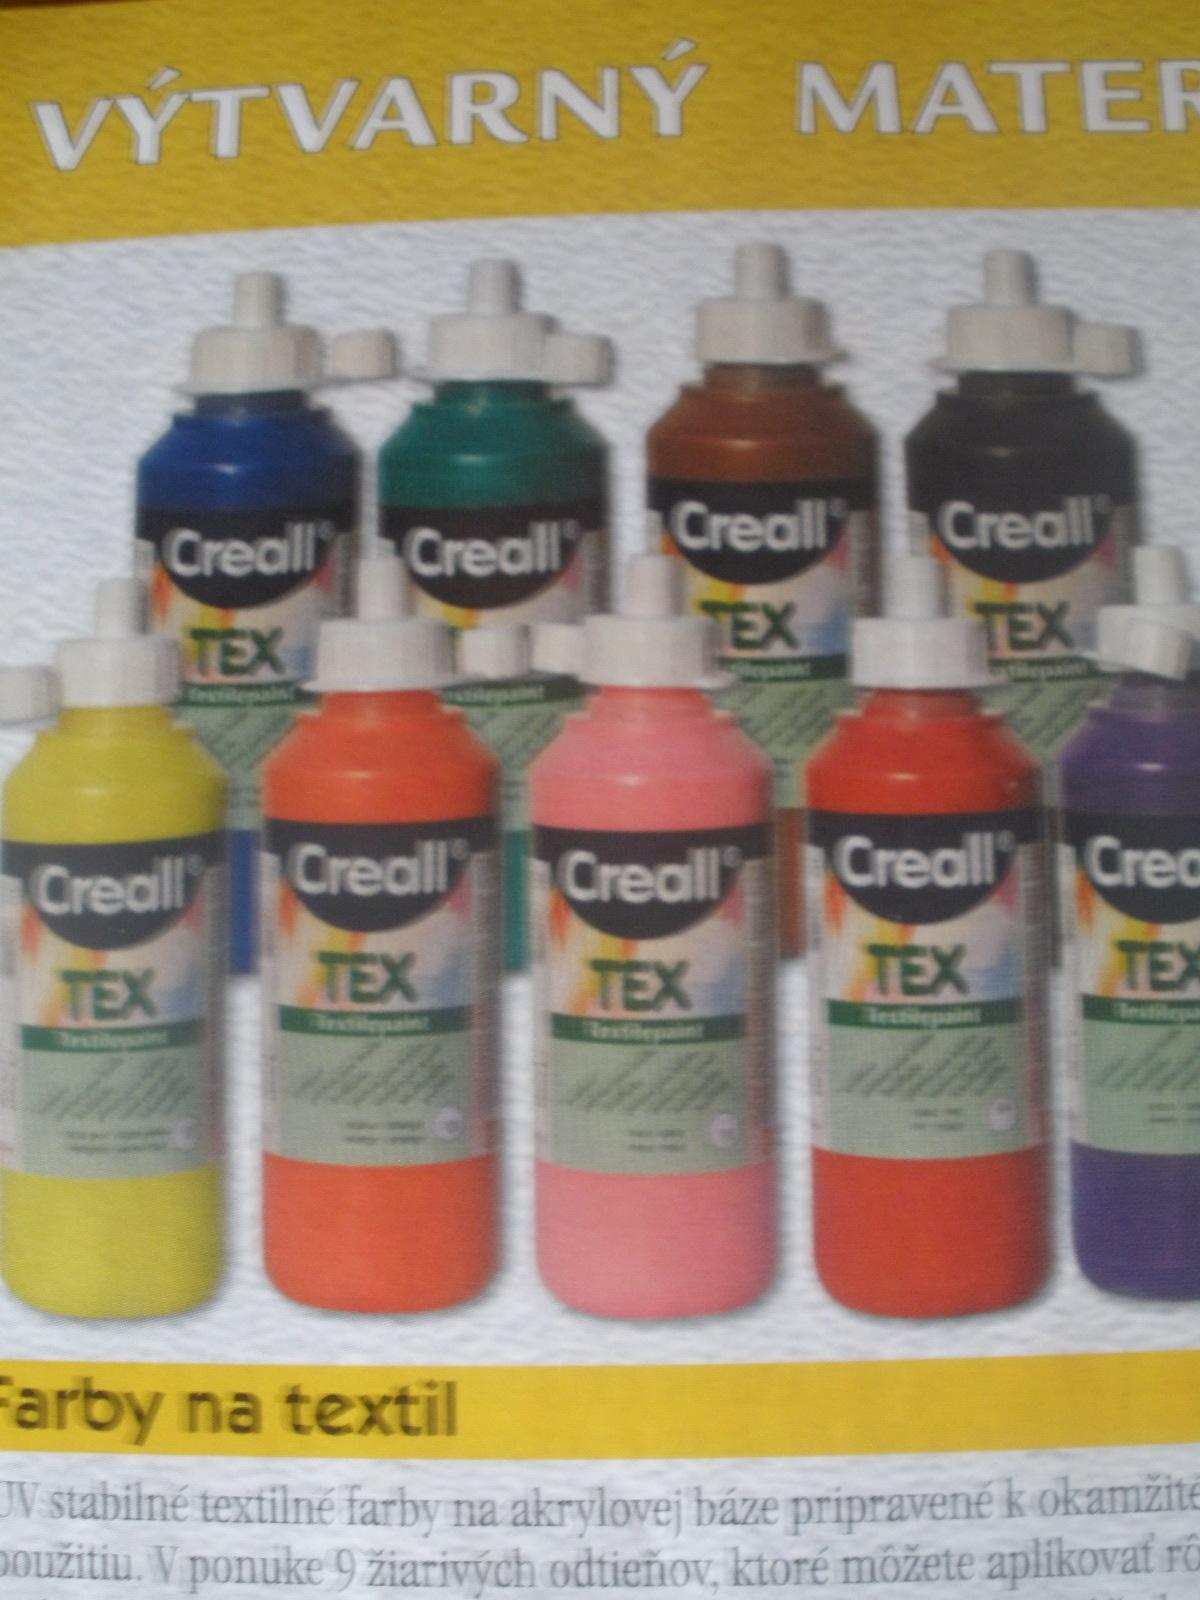 Farba na textil = 250 ml, rozne odtiene, cena za kus